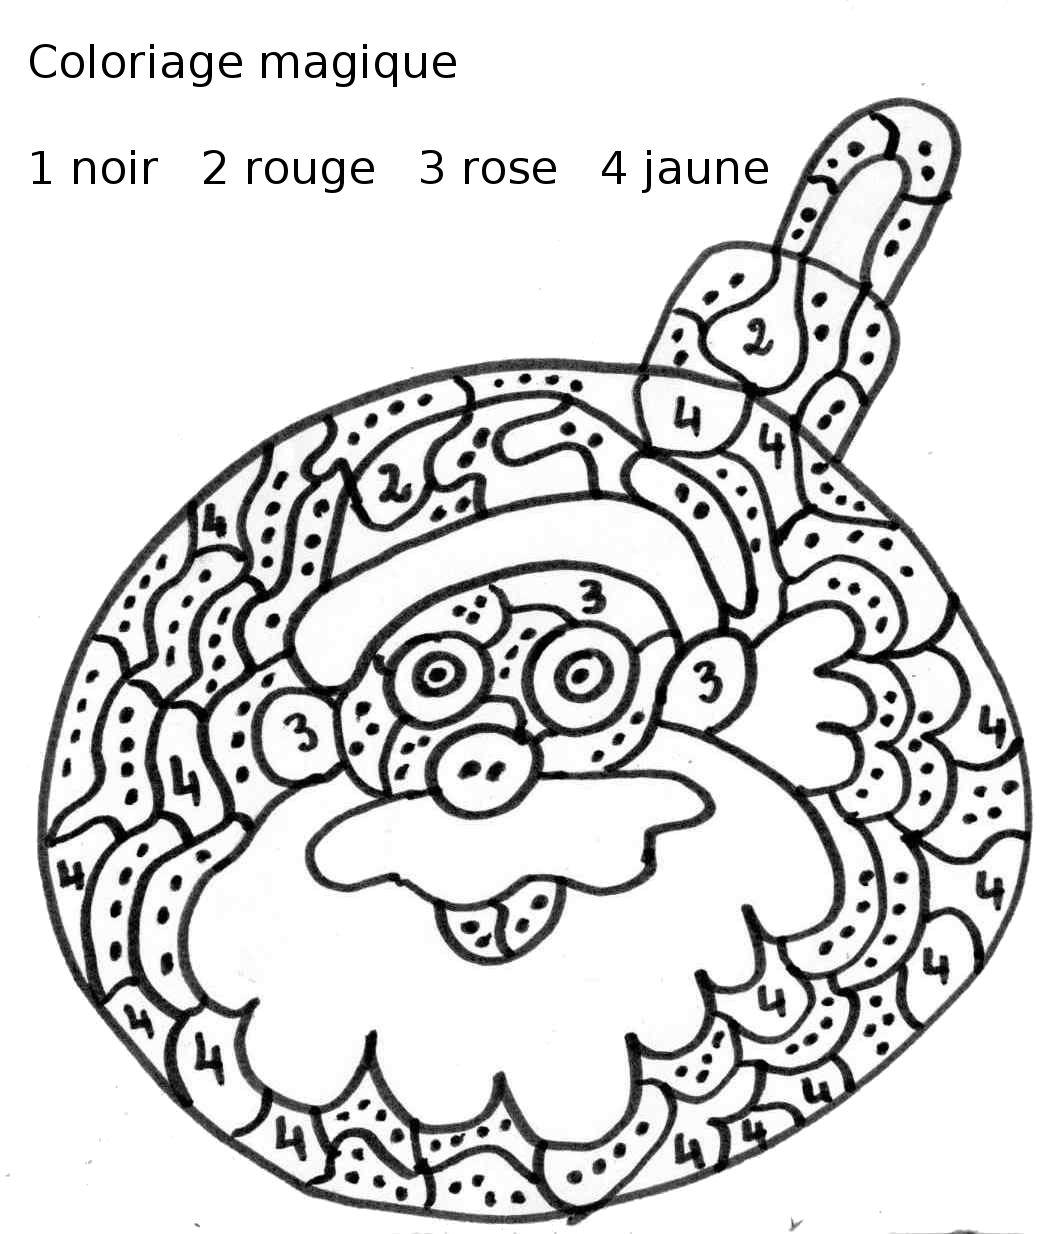 Dessins Gratuits À Colorier - Coloriage Magique Maternelle À avec Coloriage Magique 4 Ans